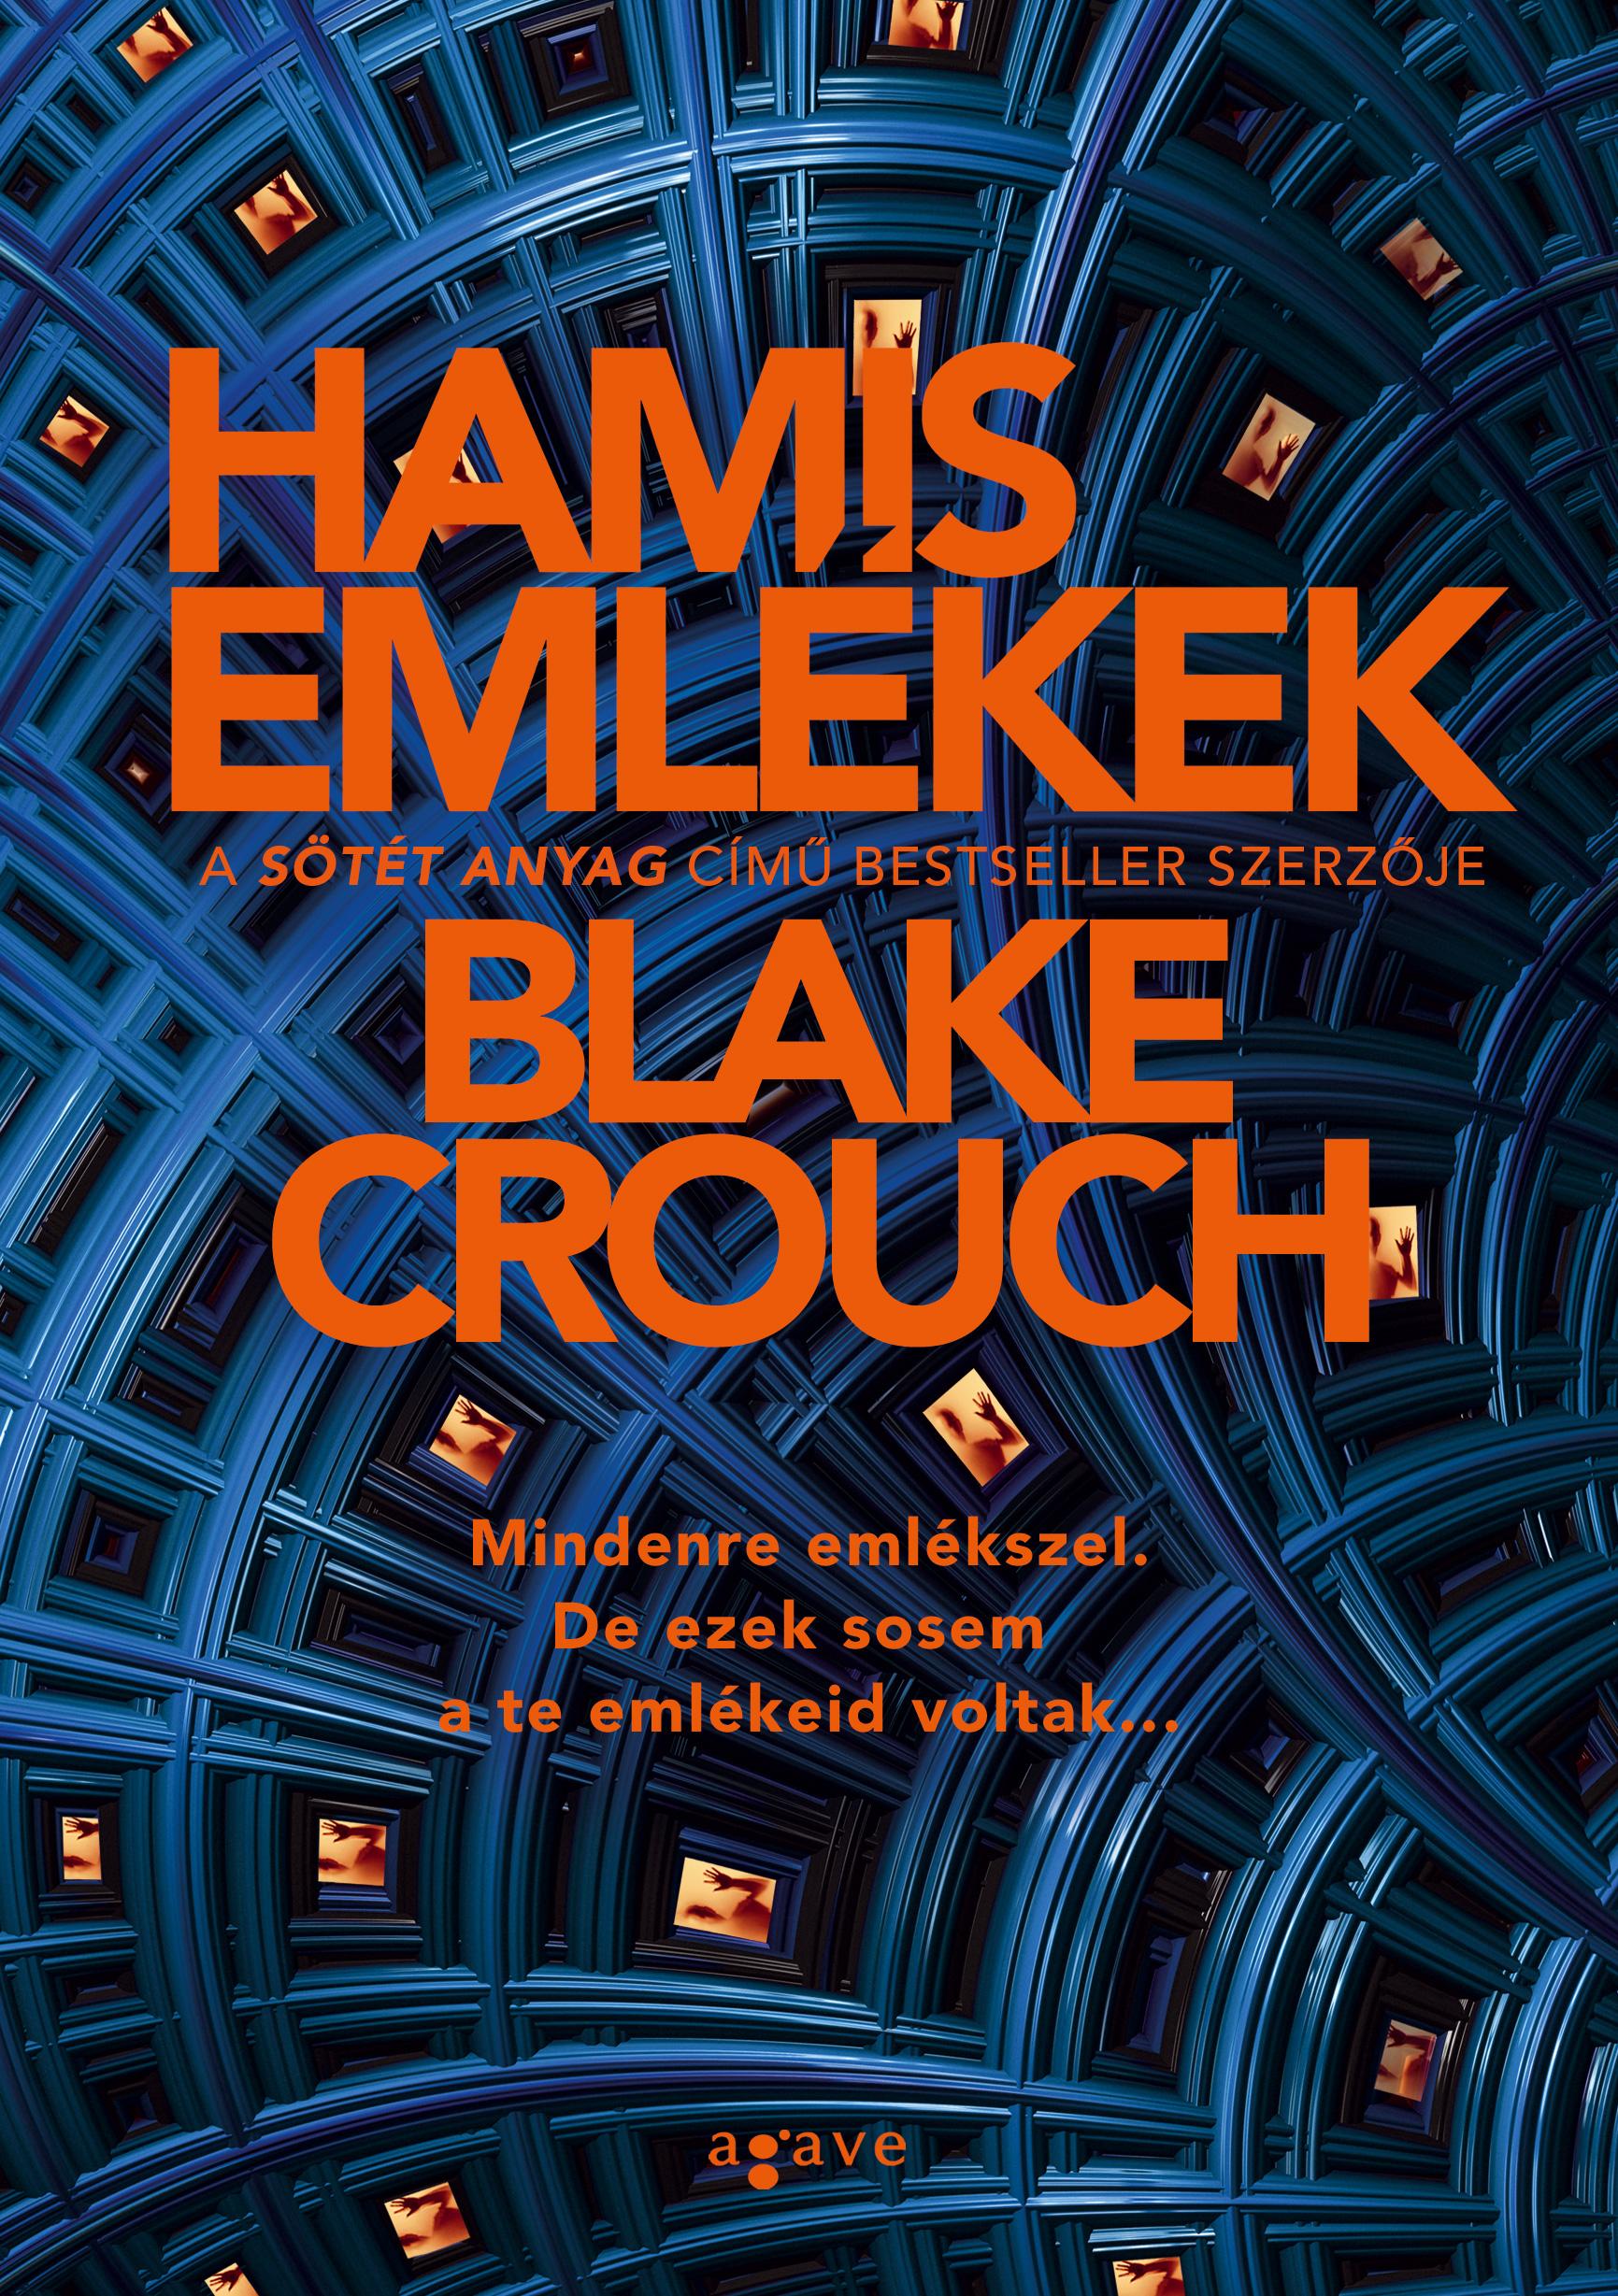 blake_crouch_hamis_emlekek_b1.jpg